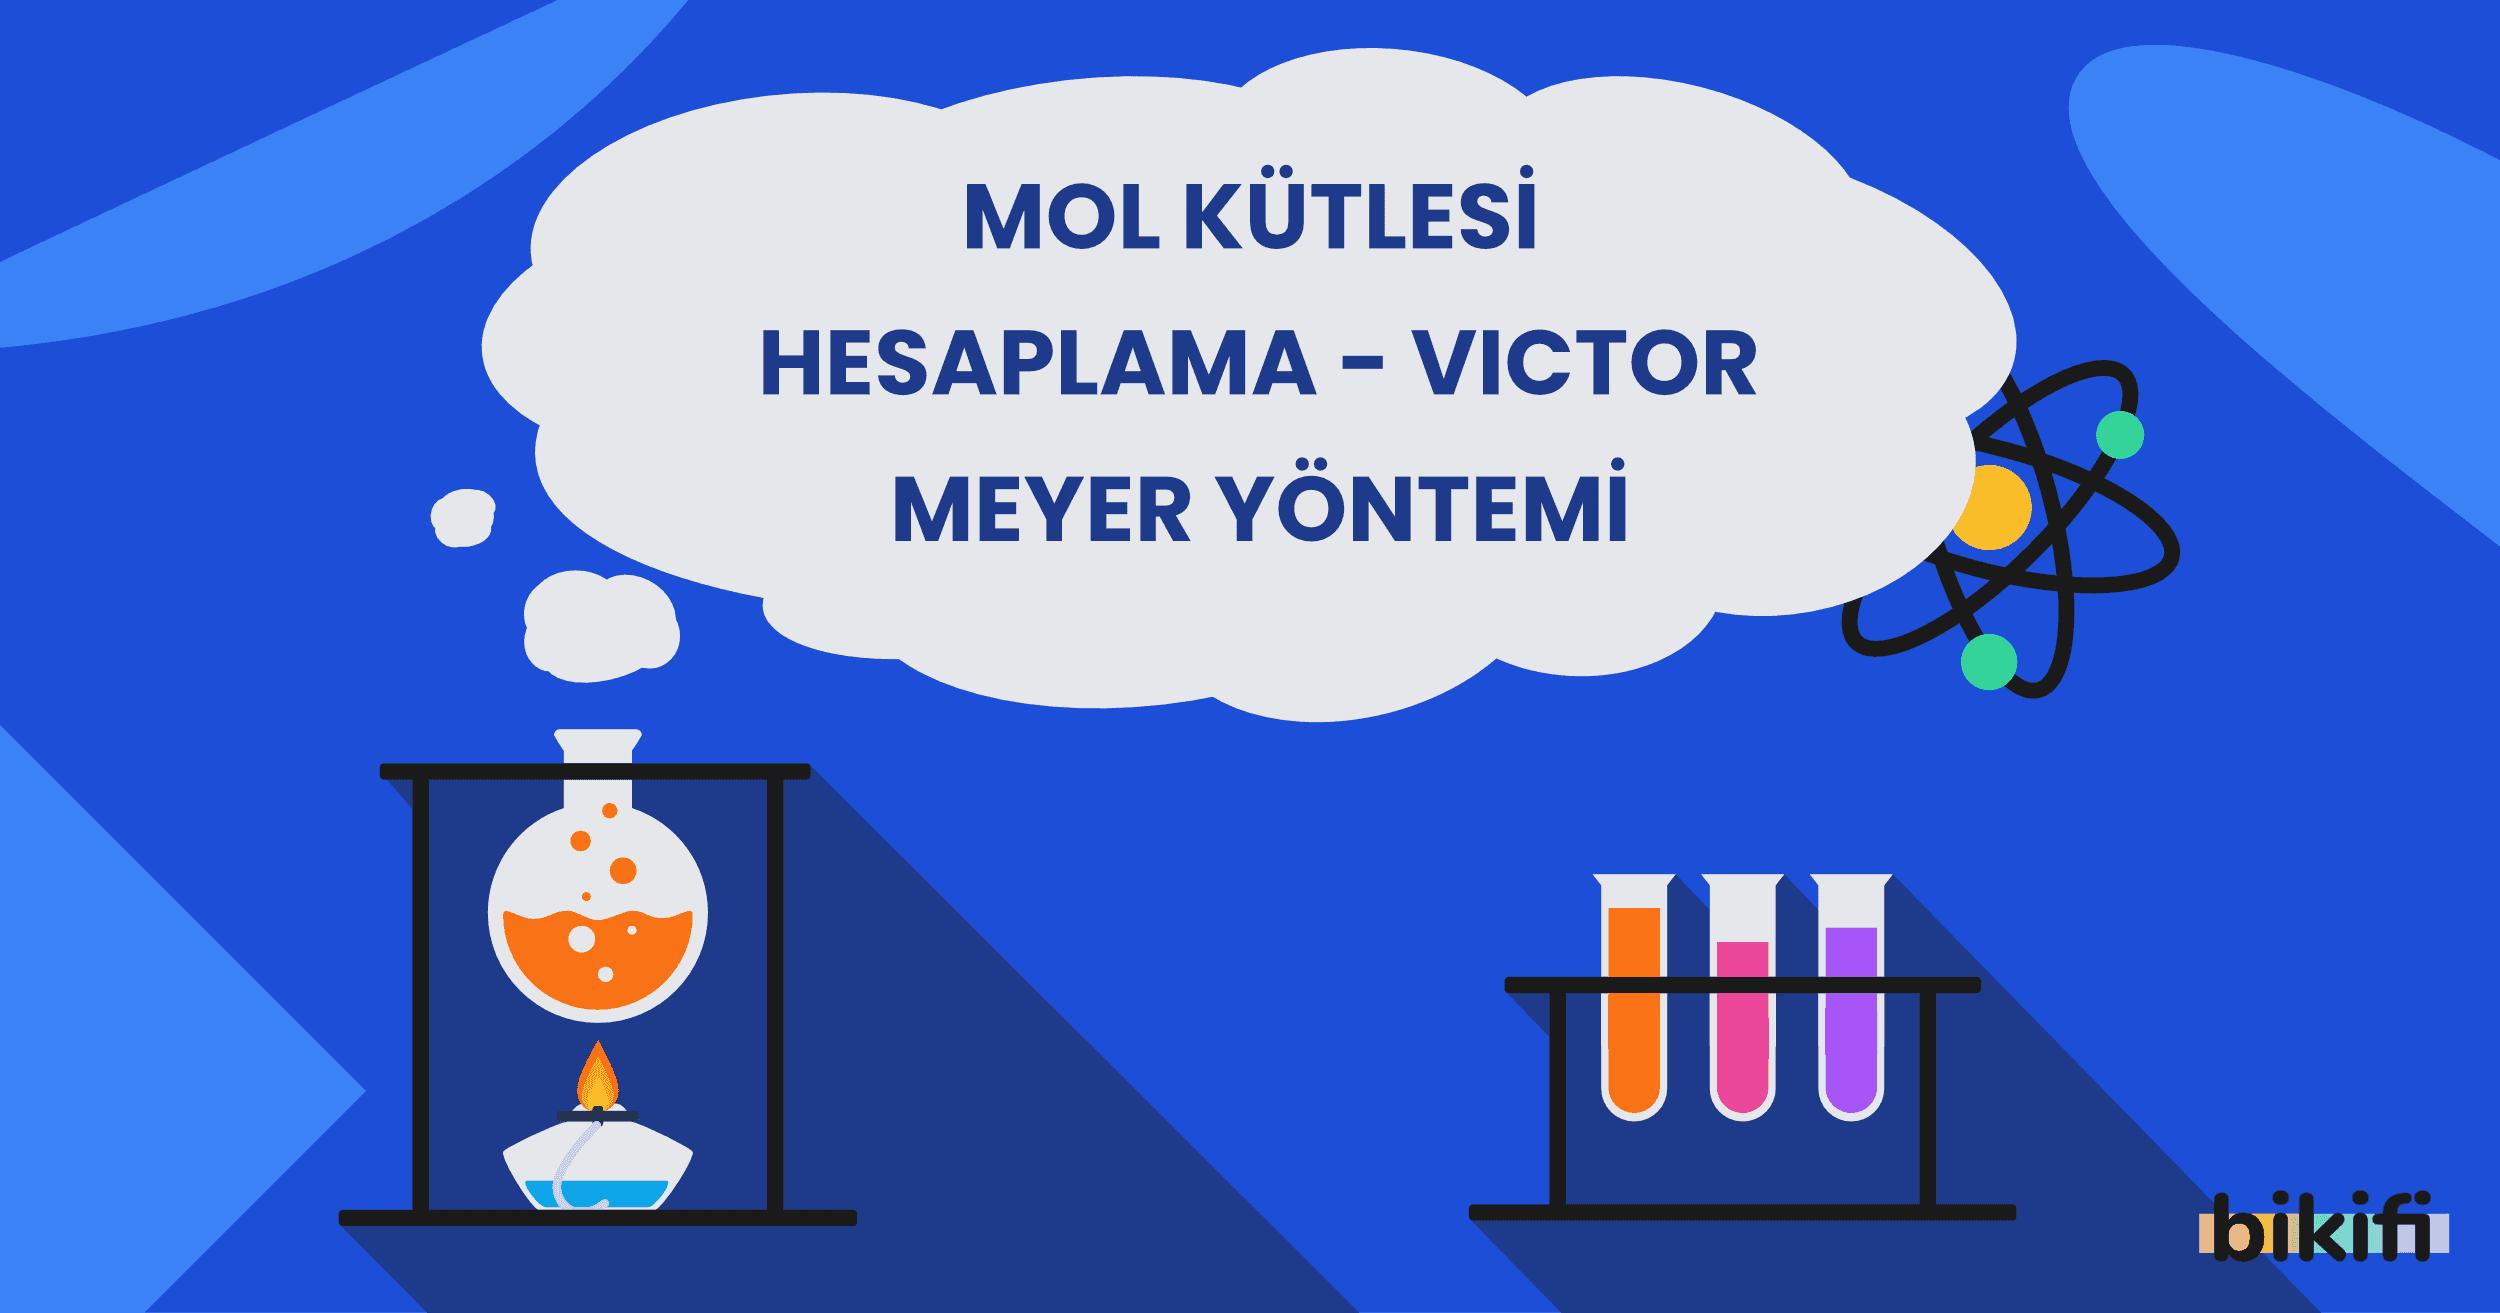 Mol Kütlesi Hesaplama – Victor-Meyer Yöntemi